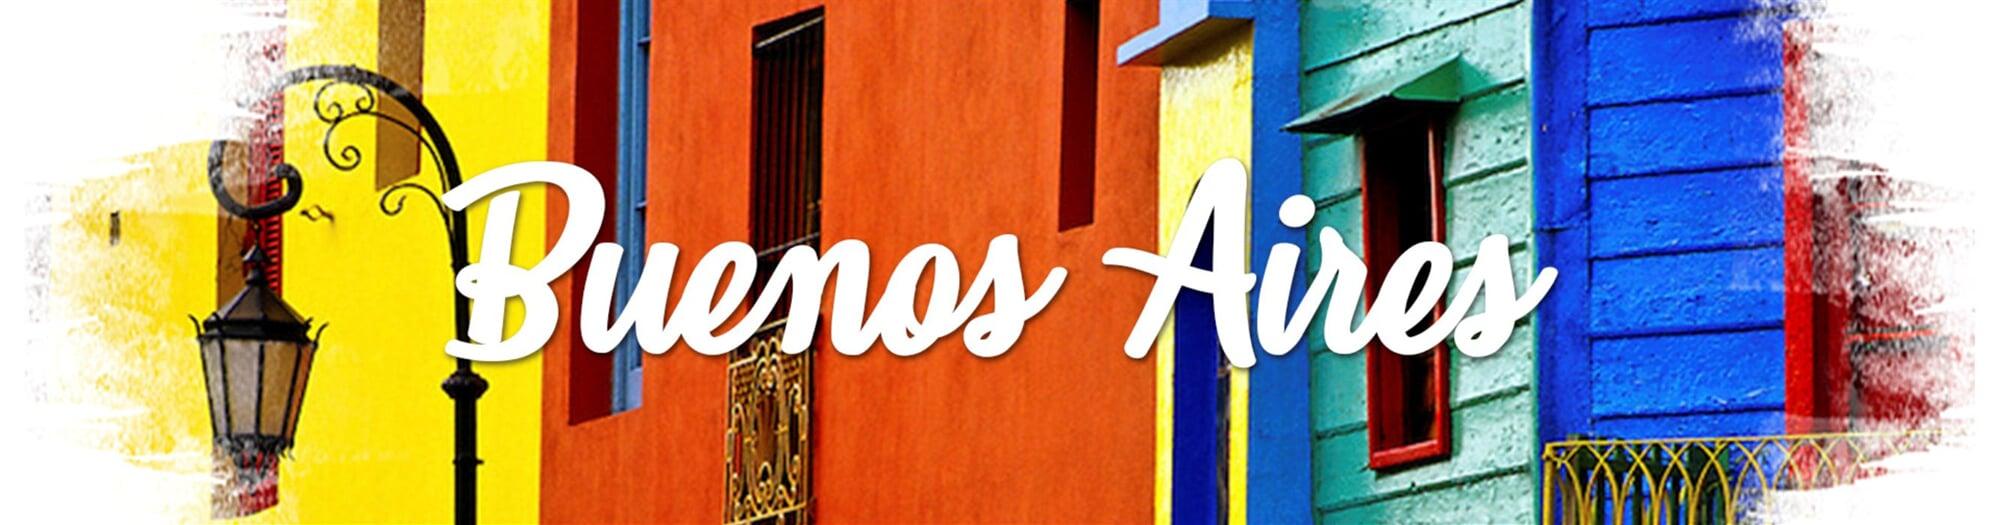 Aproveite a Lua de Mel em Buenos Aires com a Calamares!